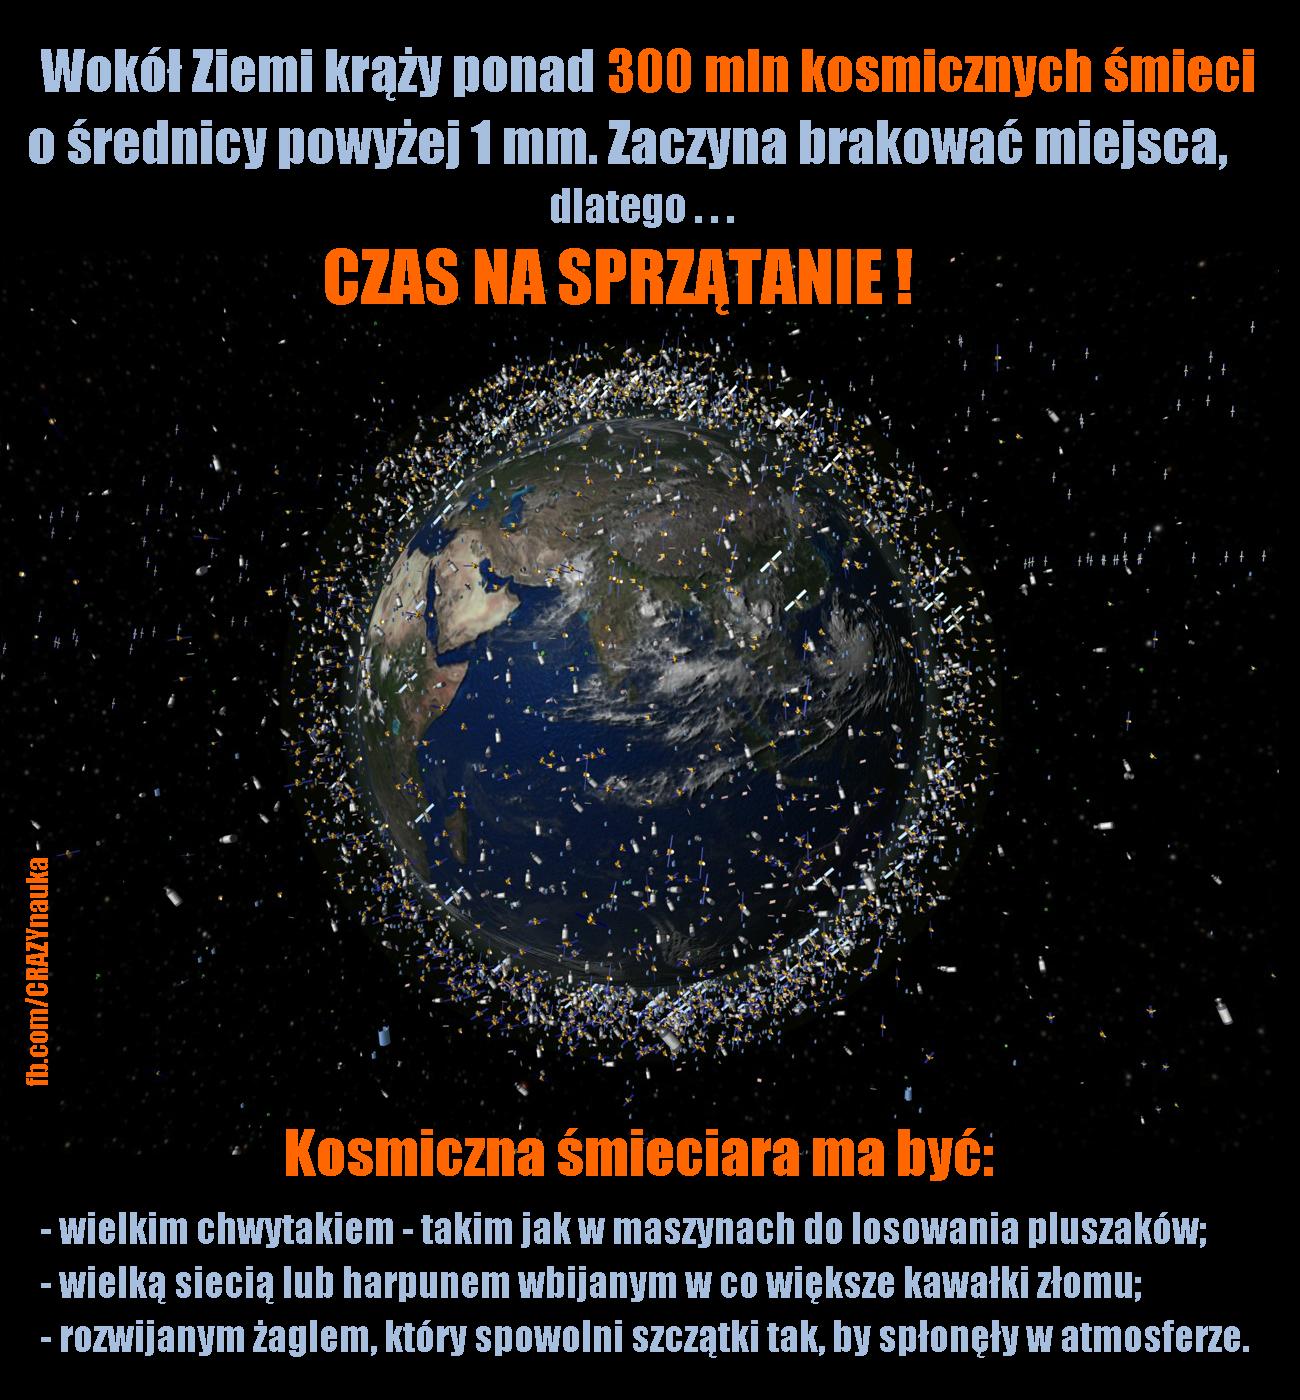 Kosmiczne śmieci wokół Ziemi